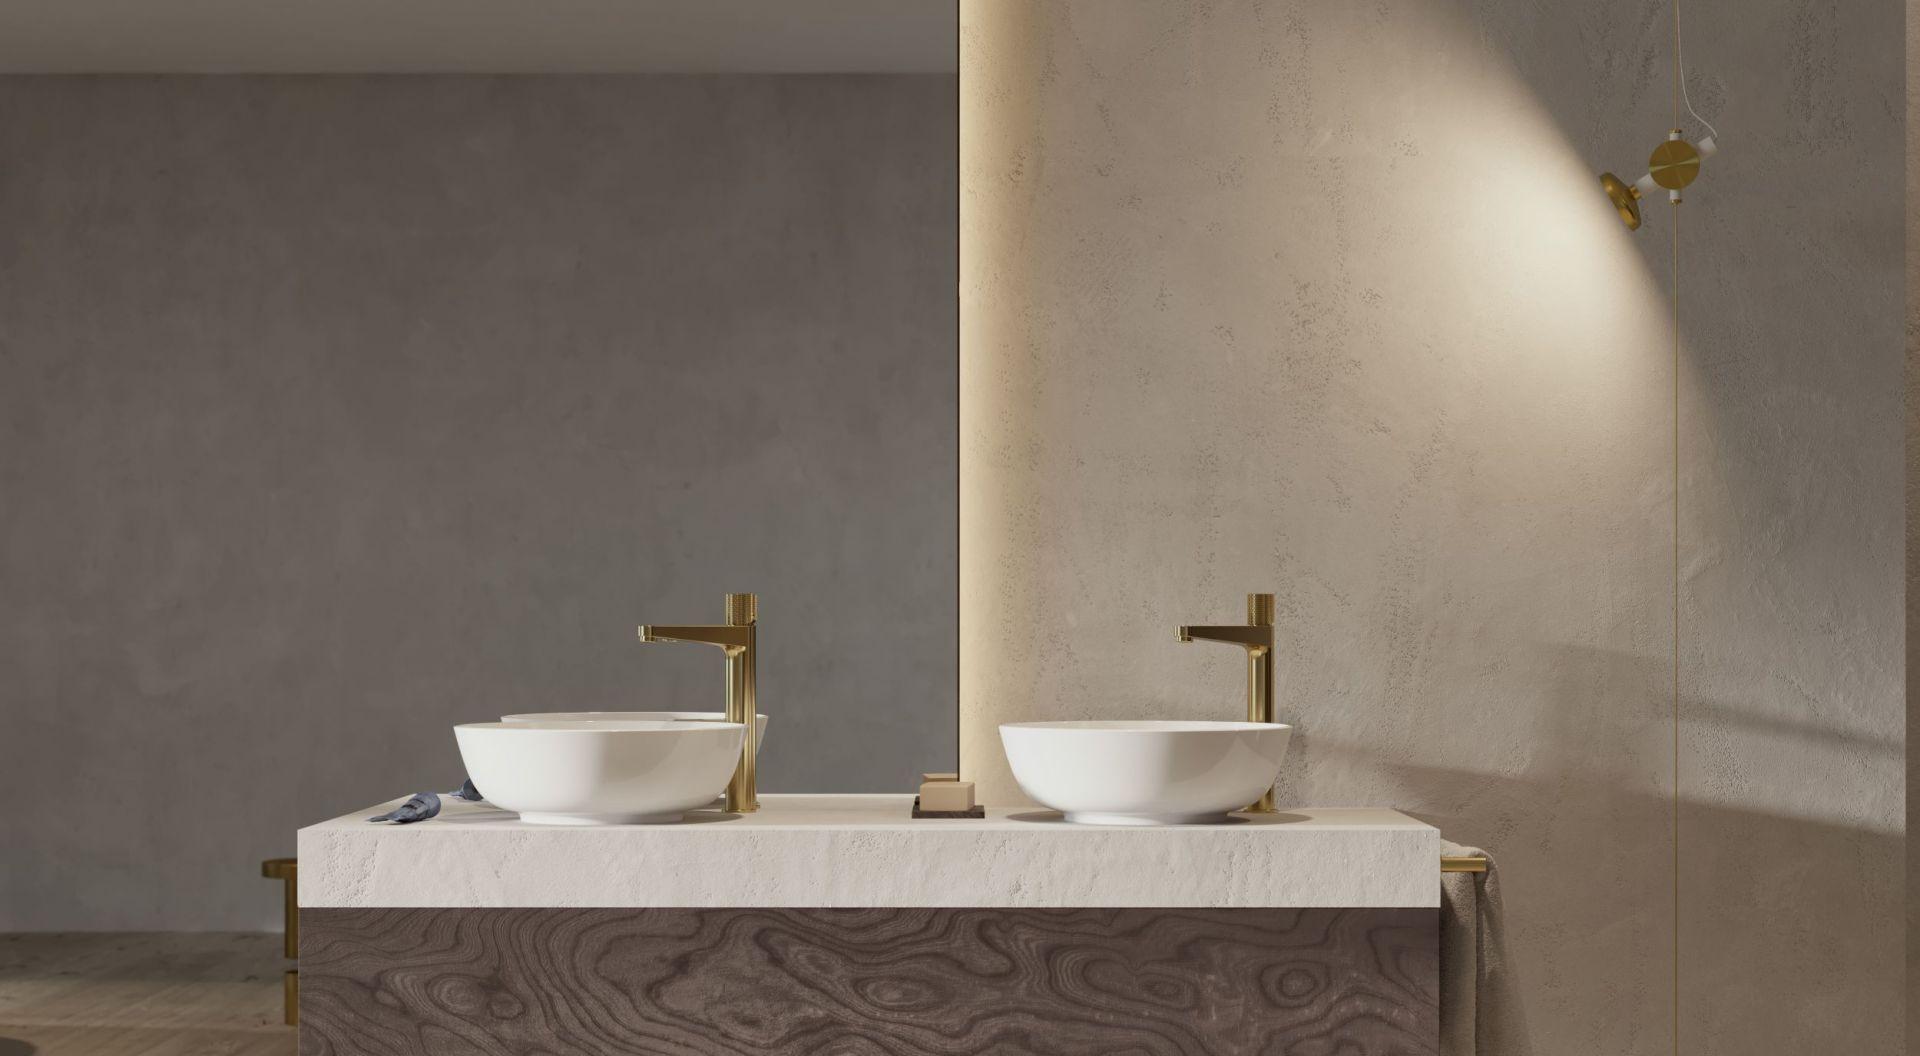 Złoto szczotkowane jest szlachetnym wykończeniem o eleganckim odcieniu i współczesnej, satynowej powierzchni. Fot. Omnires